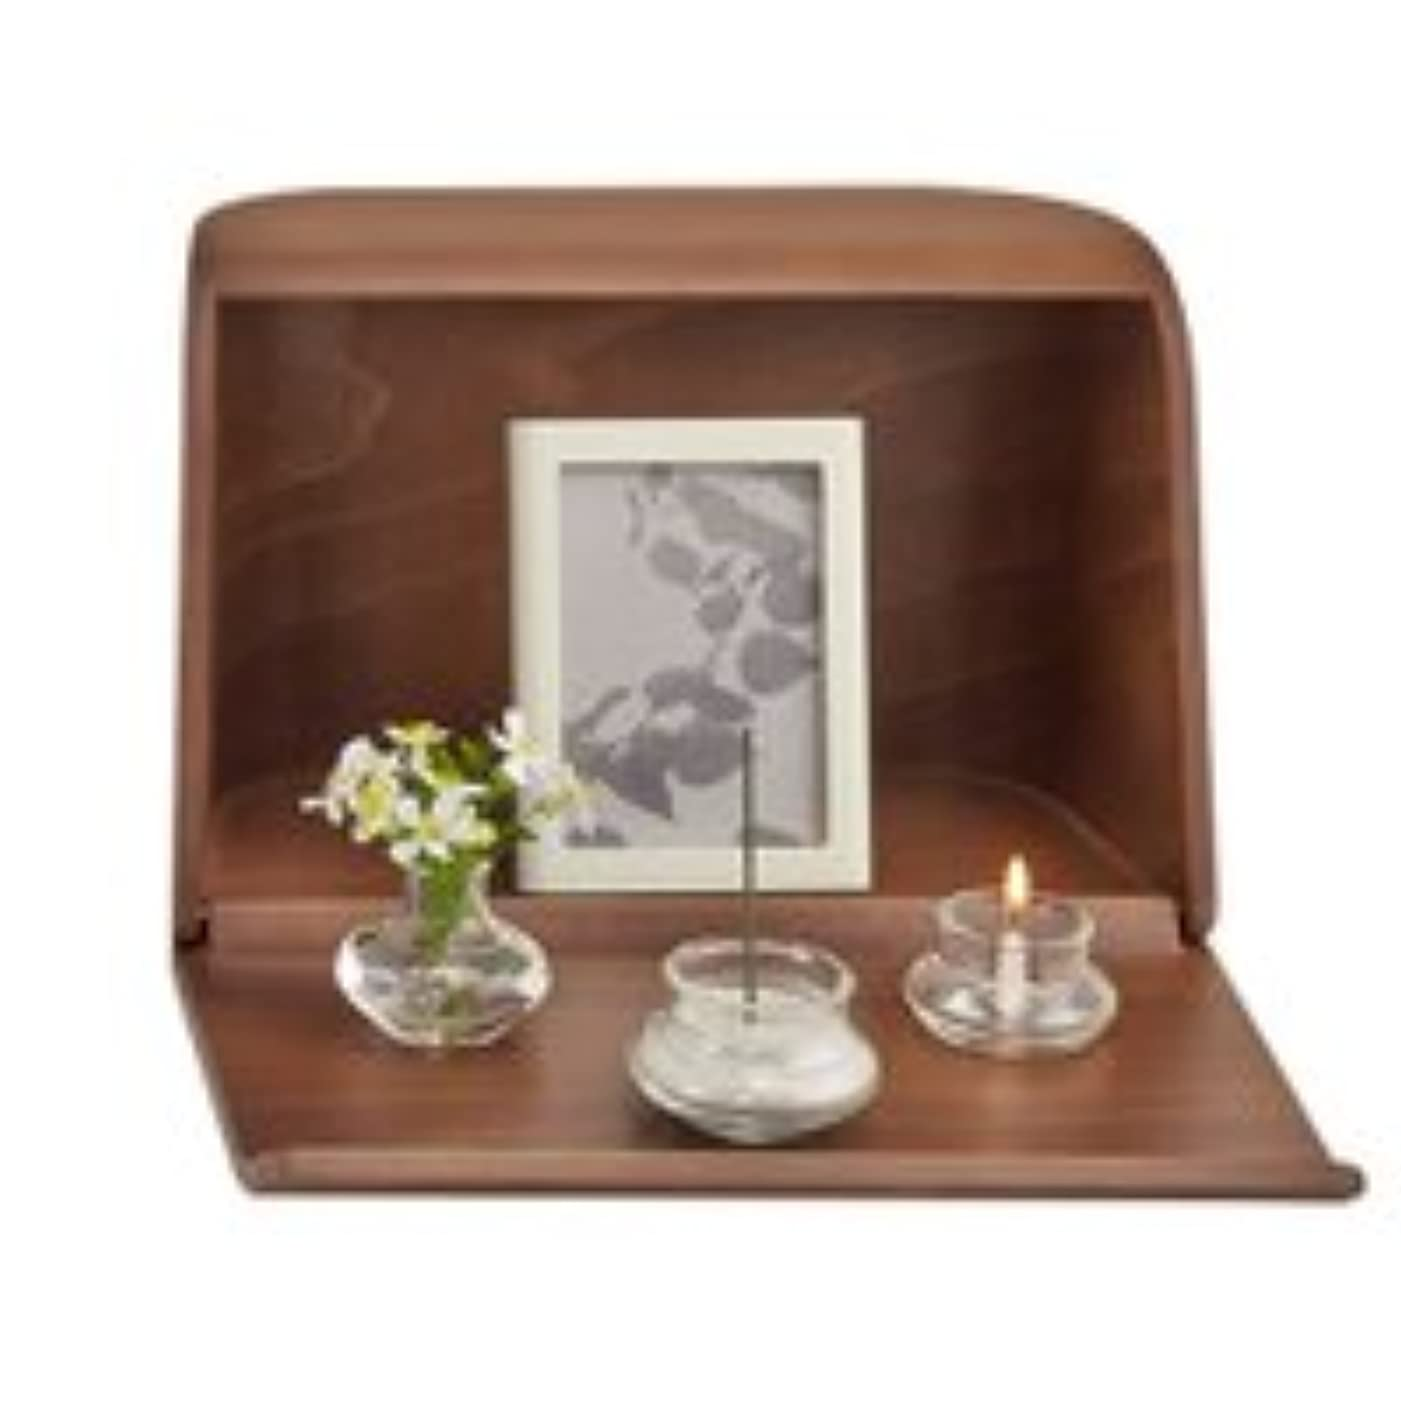 哀れな権限ナラーバーやさしい時間祈りの手箱ブラウン × 2個セット